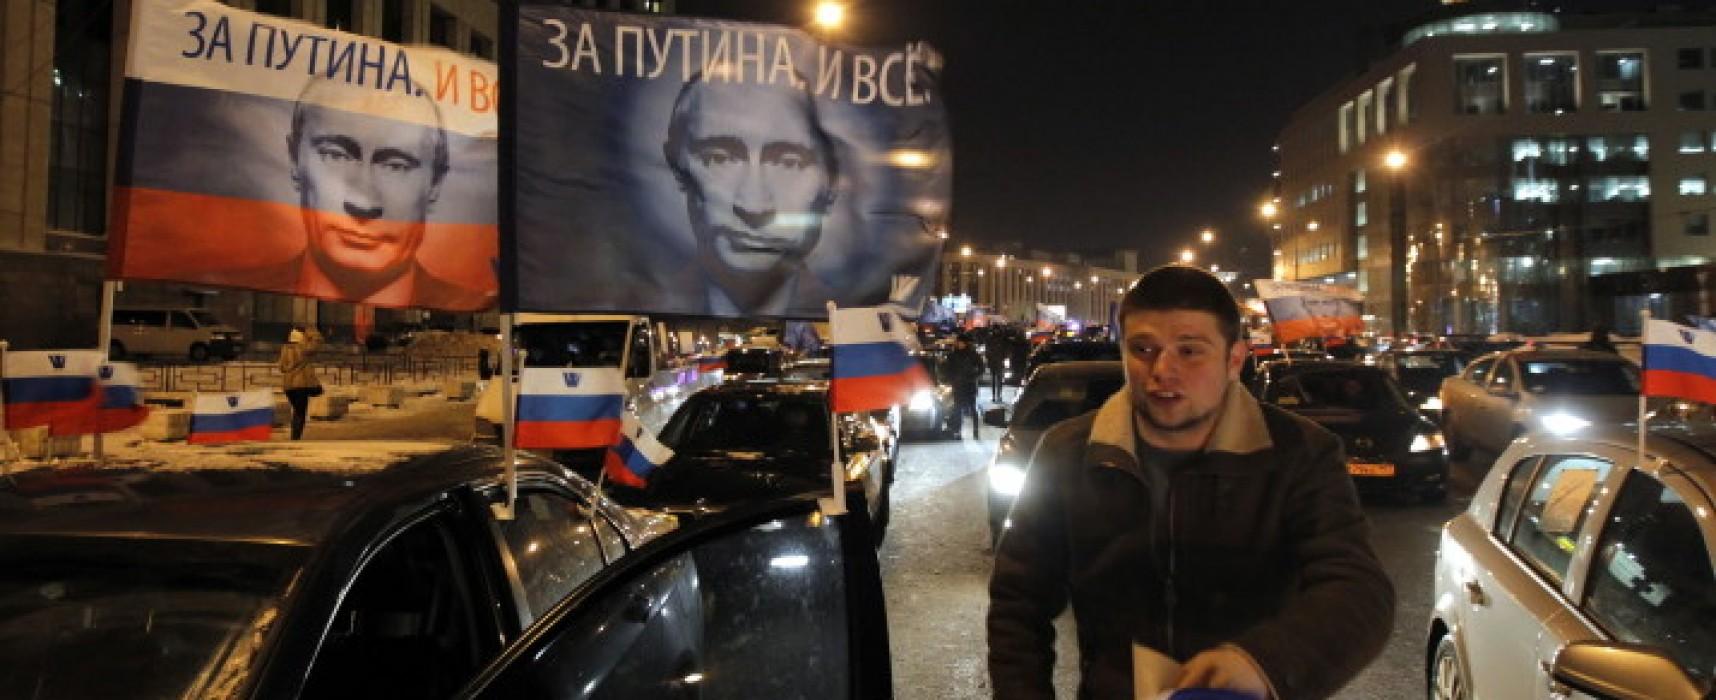 Питер Померанцев: Мы все «полезные идиоты» Путина